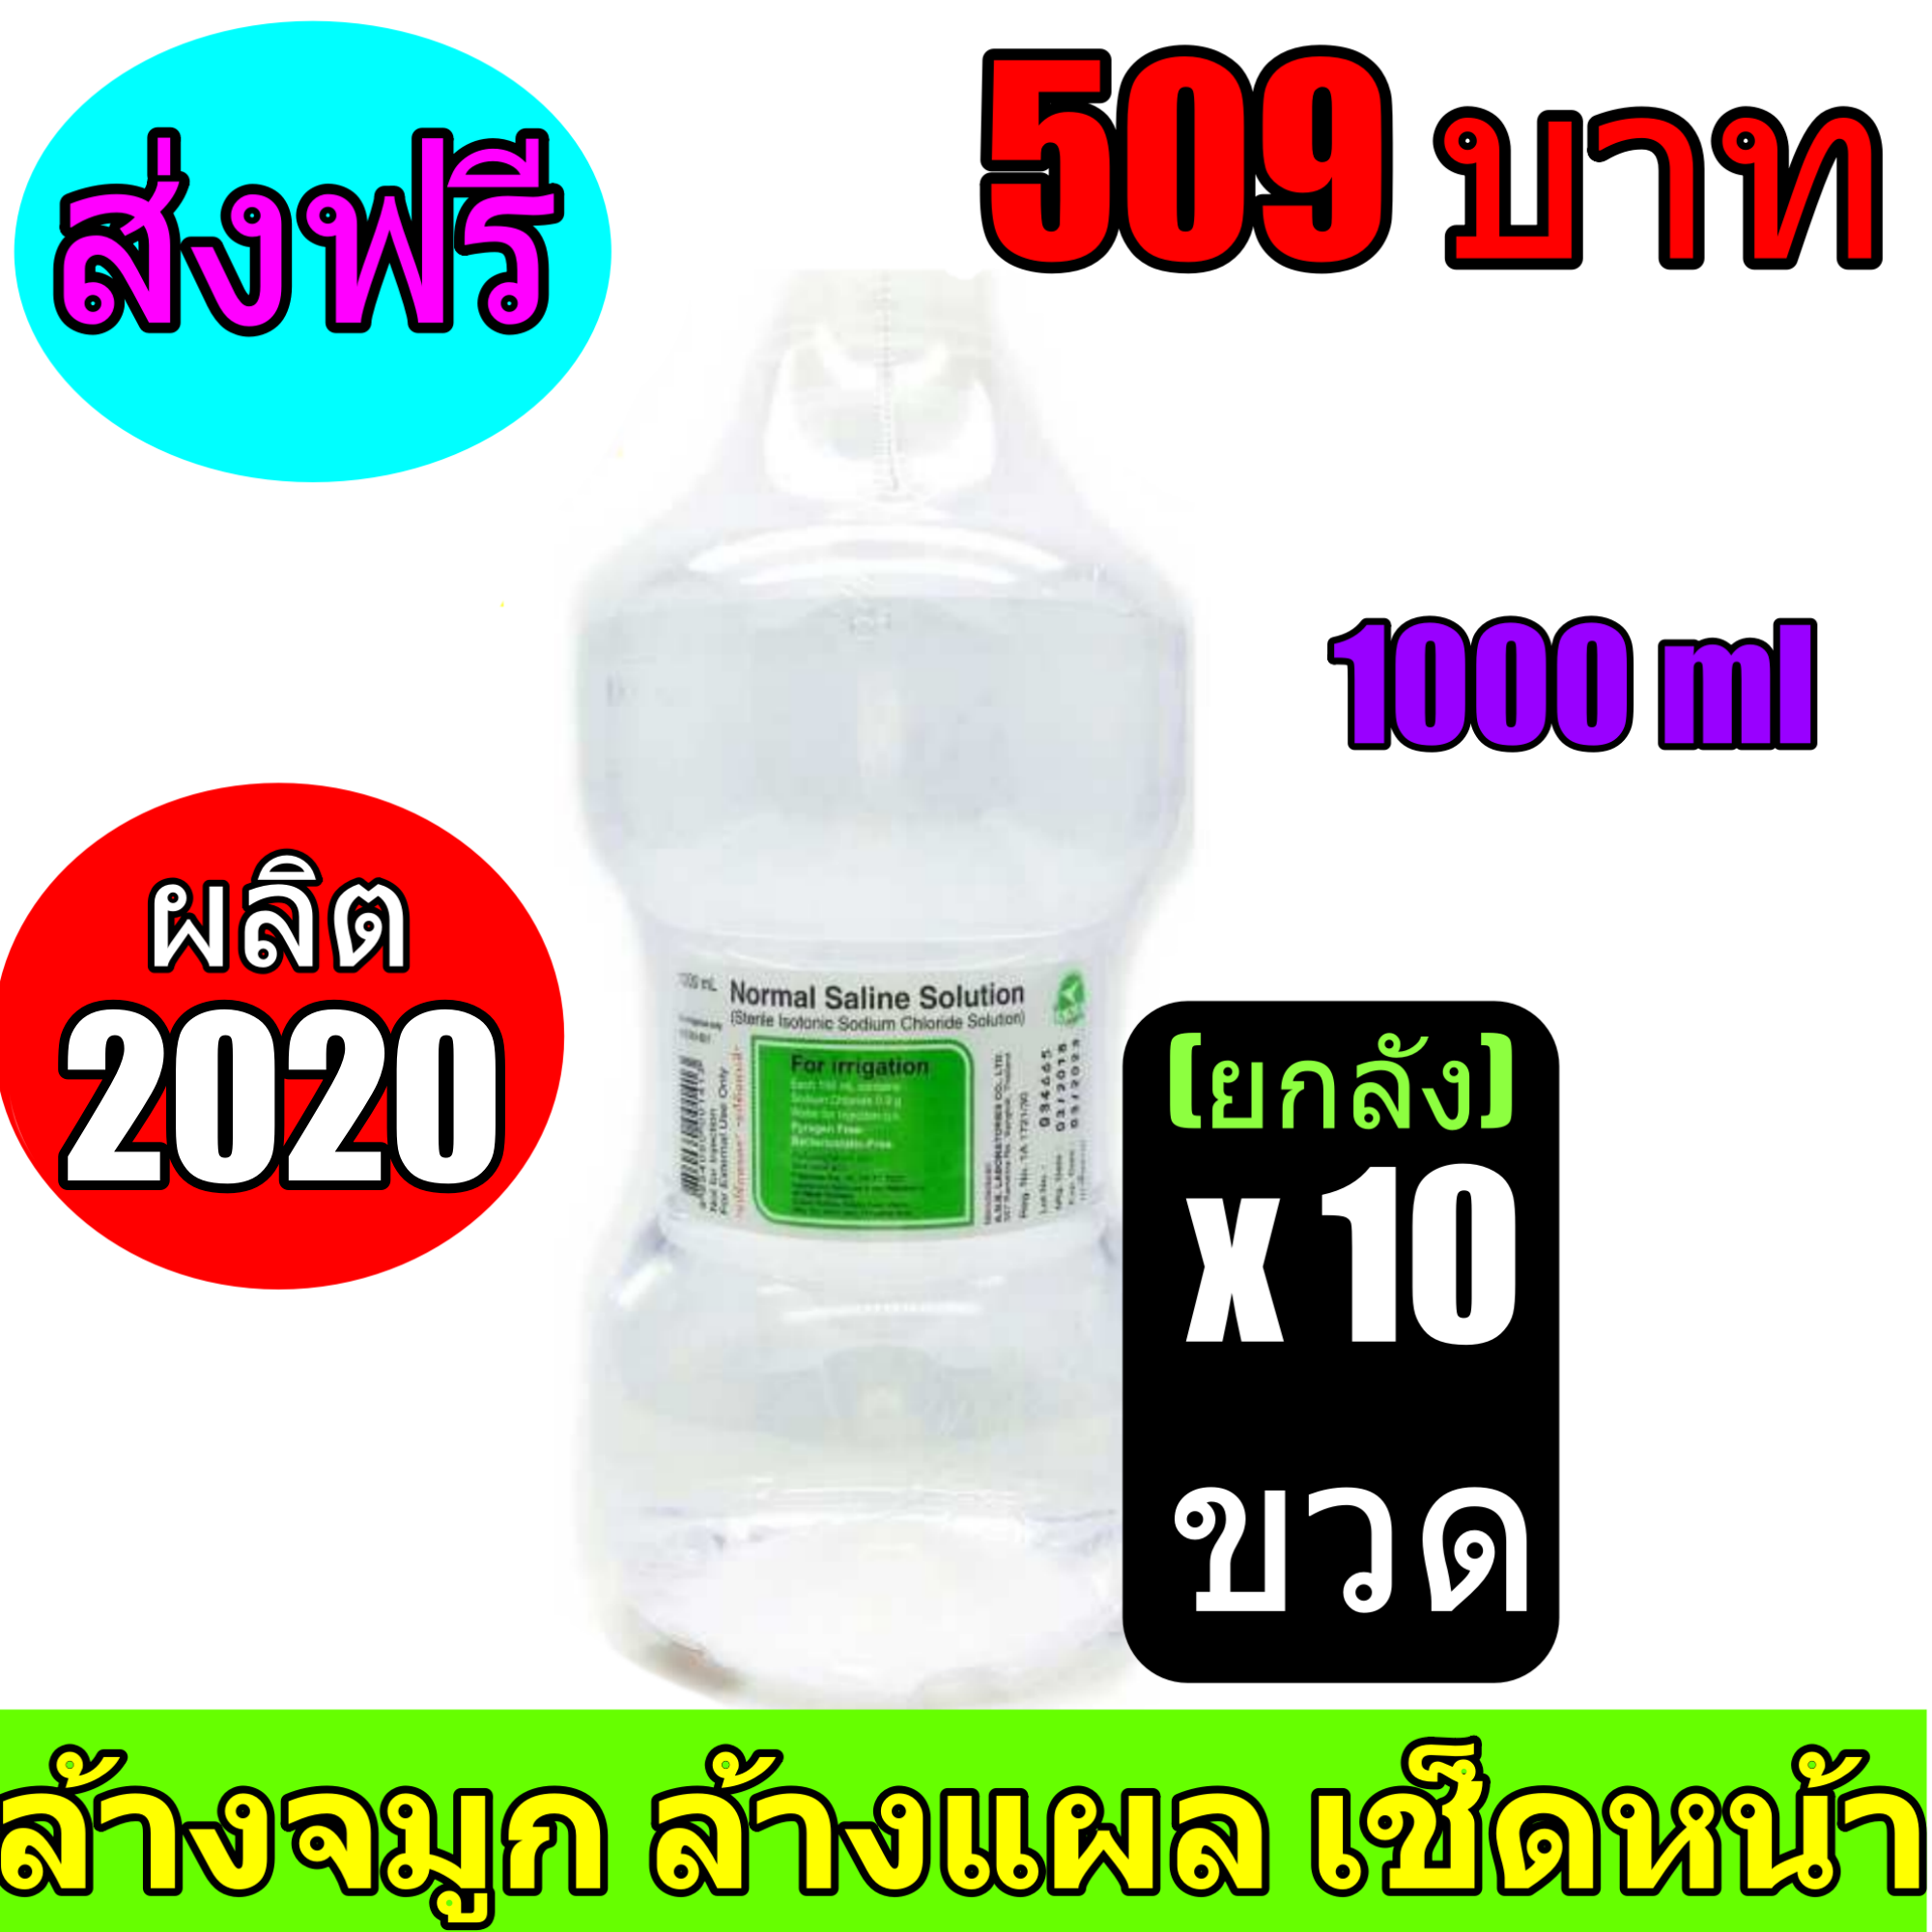 ดูยี่ห้อดีๆ!! (ยกลัง10ขวด) น้ำเกลือ ล้างจมูก Anb ฉลากเขียว ขวดดัมเบล 1000ml แบบเดียวกับที่ขายในร้านยา.